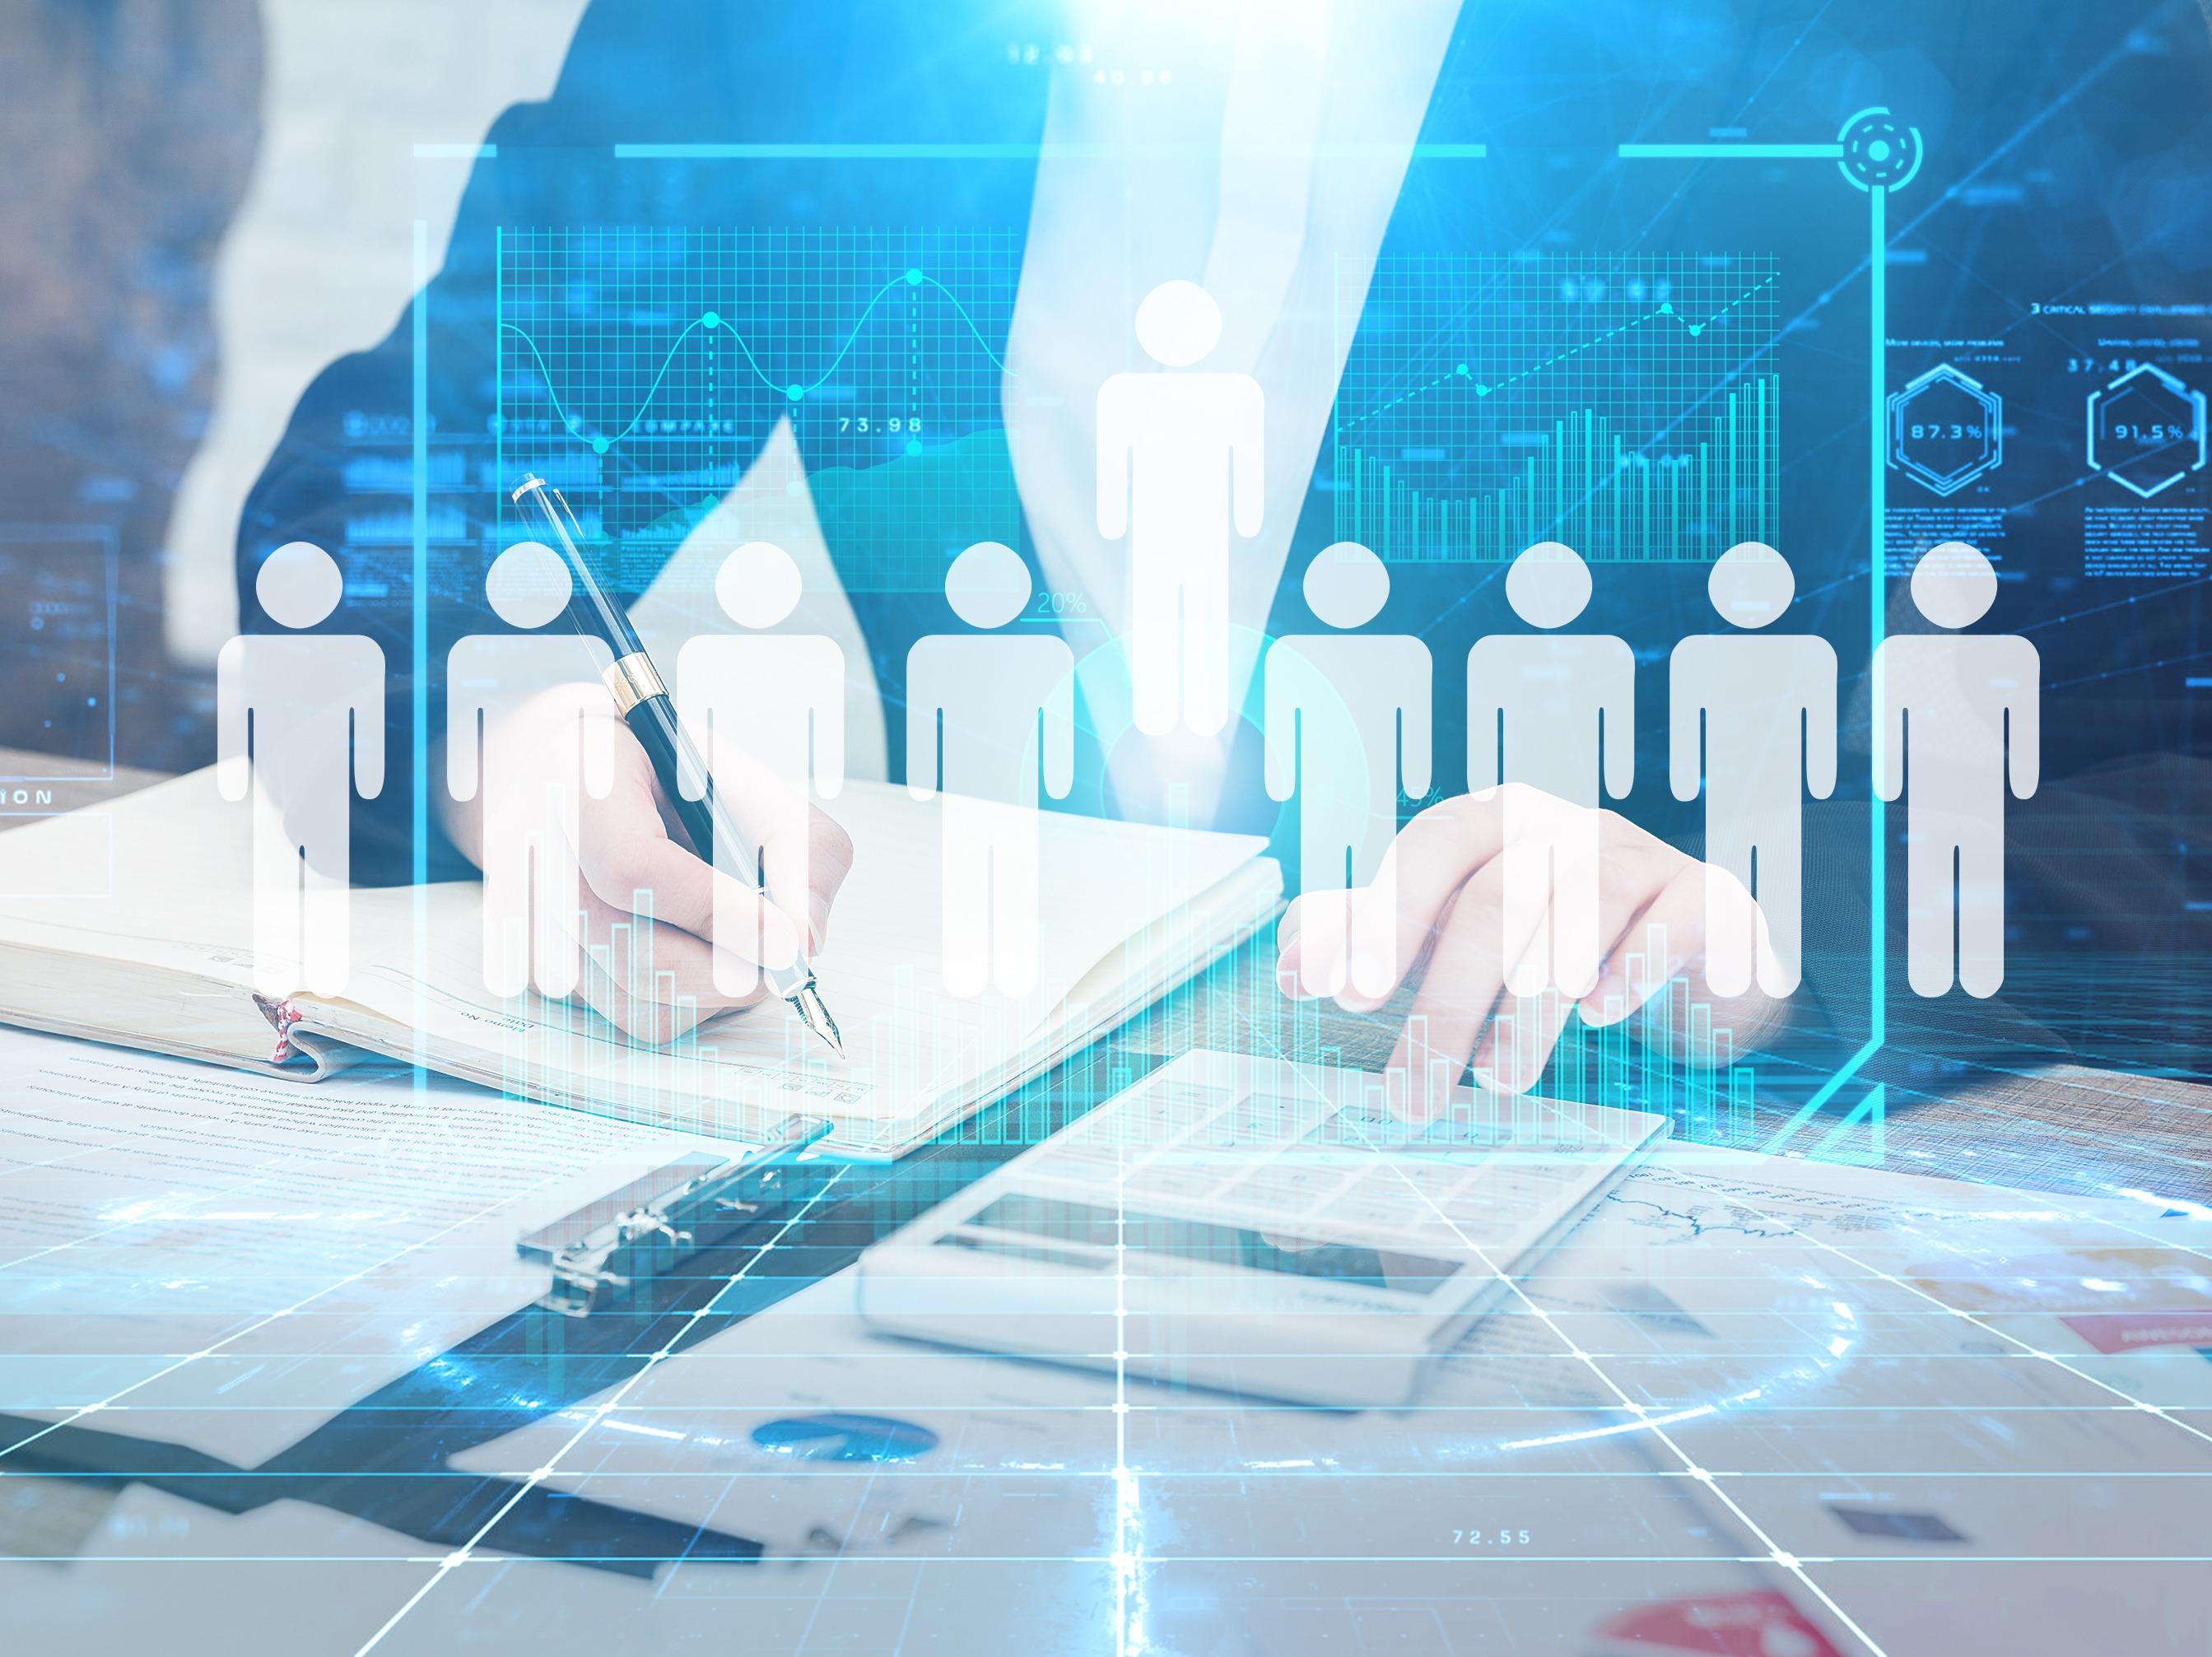 员工体验管理驱动全球多家企业选择 SAP SuccessFactors